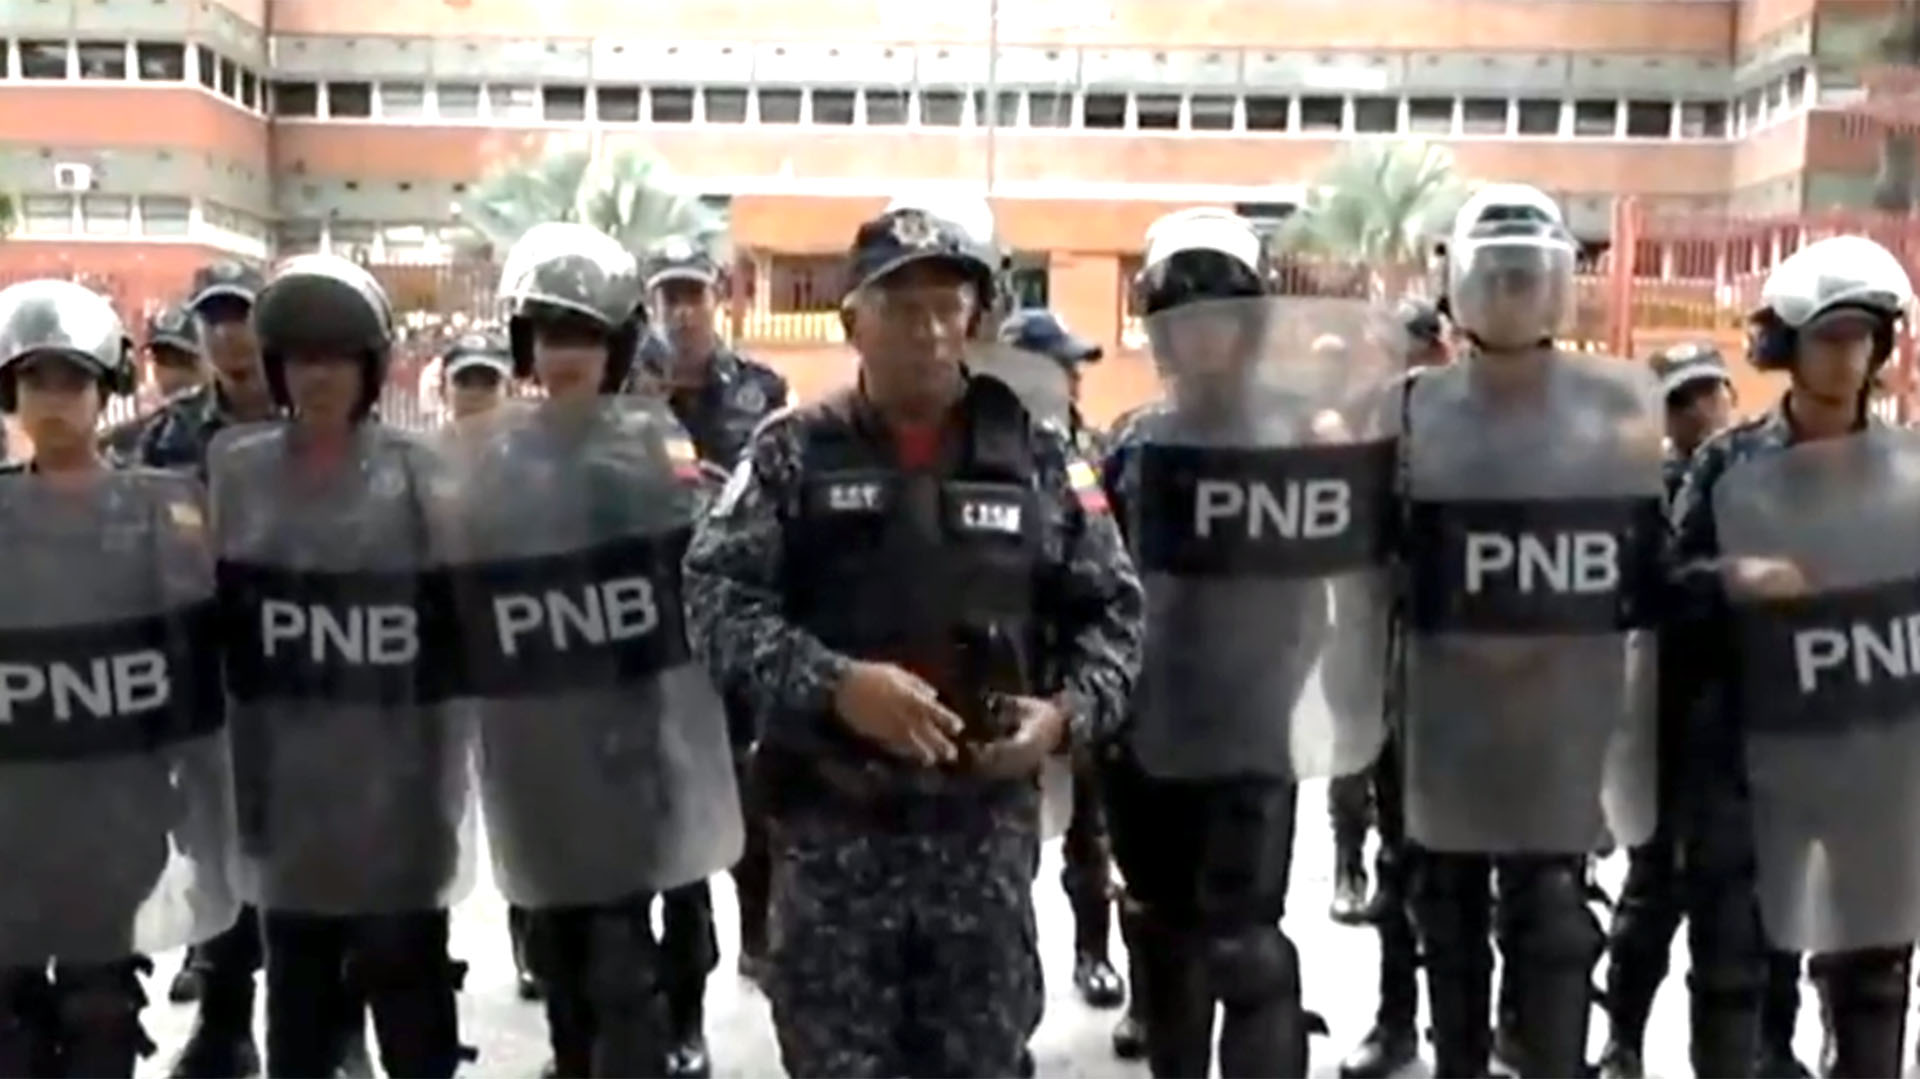 Efectivos de la Policía Nacional Bolivariana están en las puertas del cuartel militar de San Bernardino, en Caracas